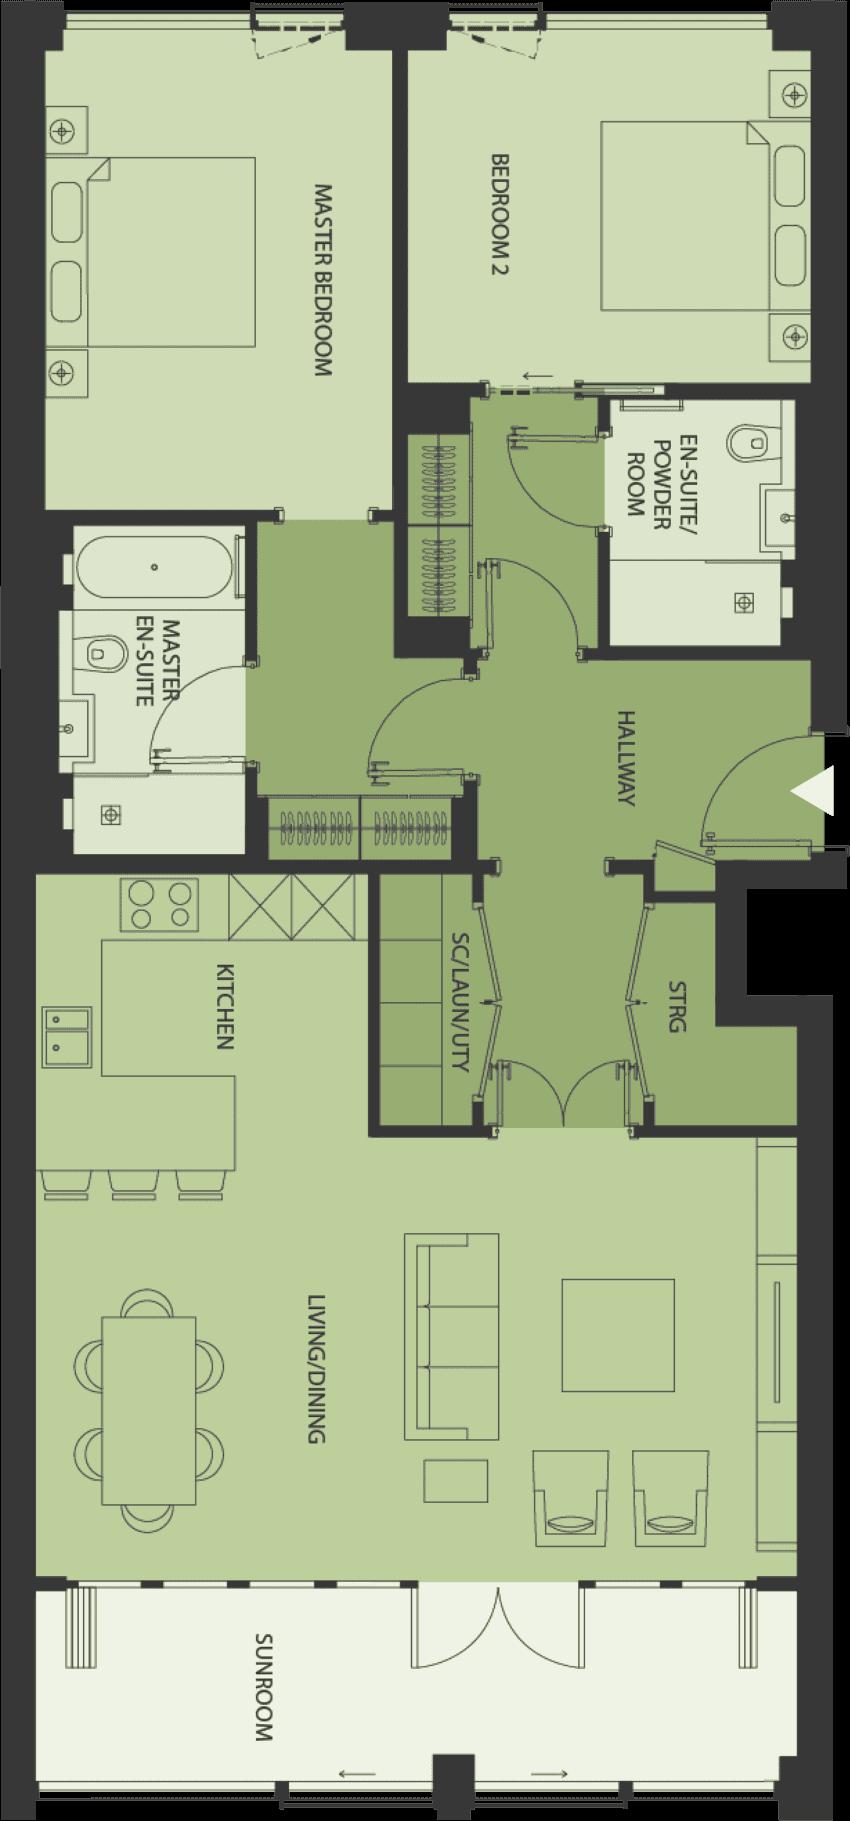 Lansdowne Place | type-2S Floor Plan